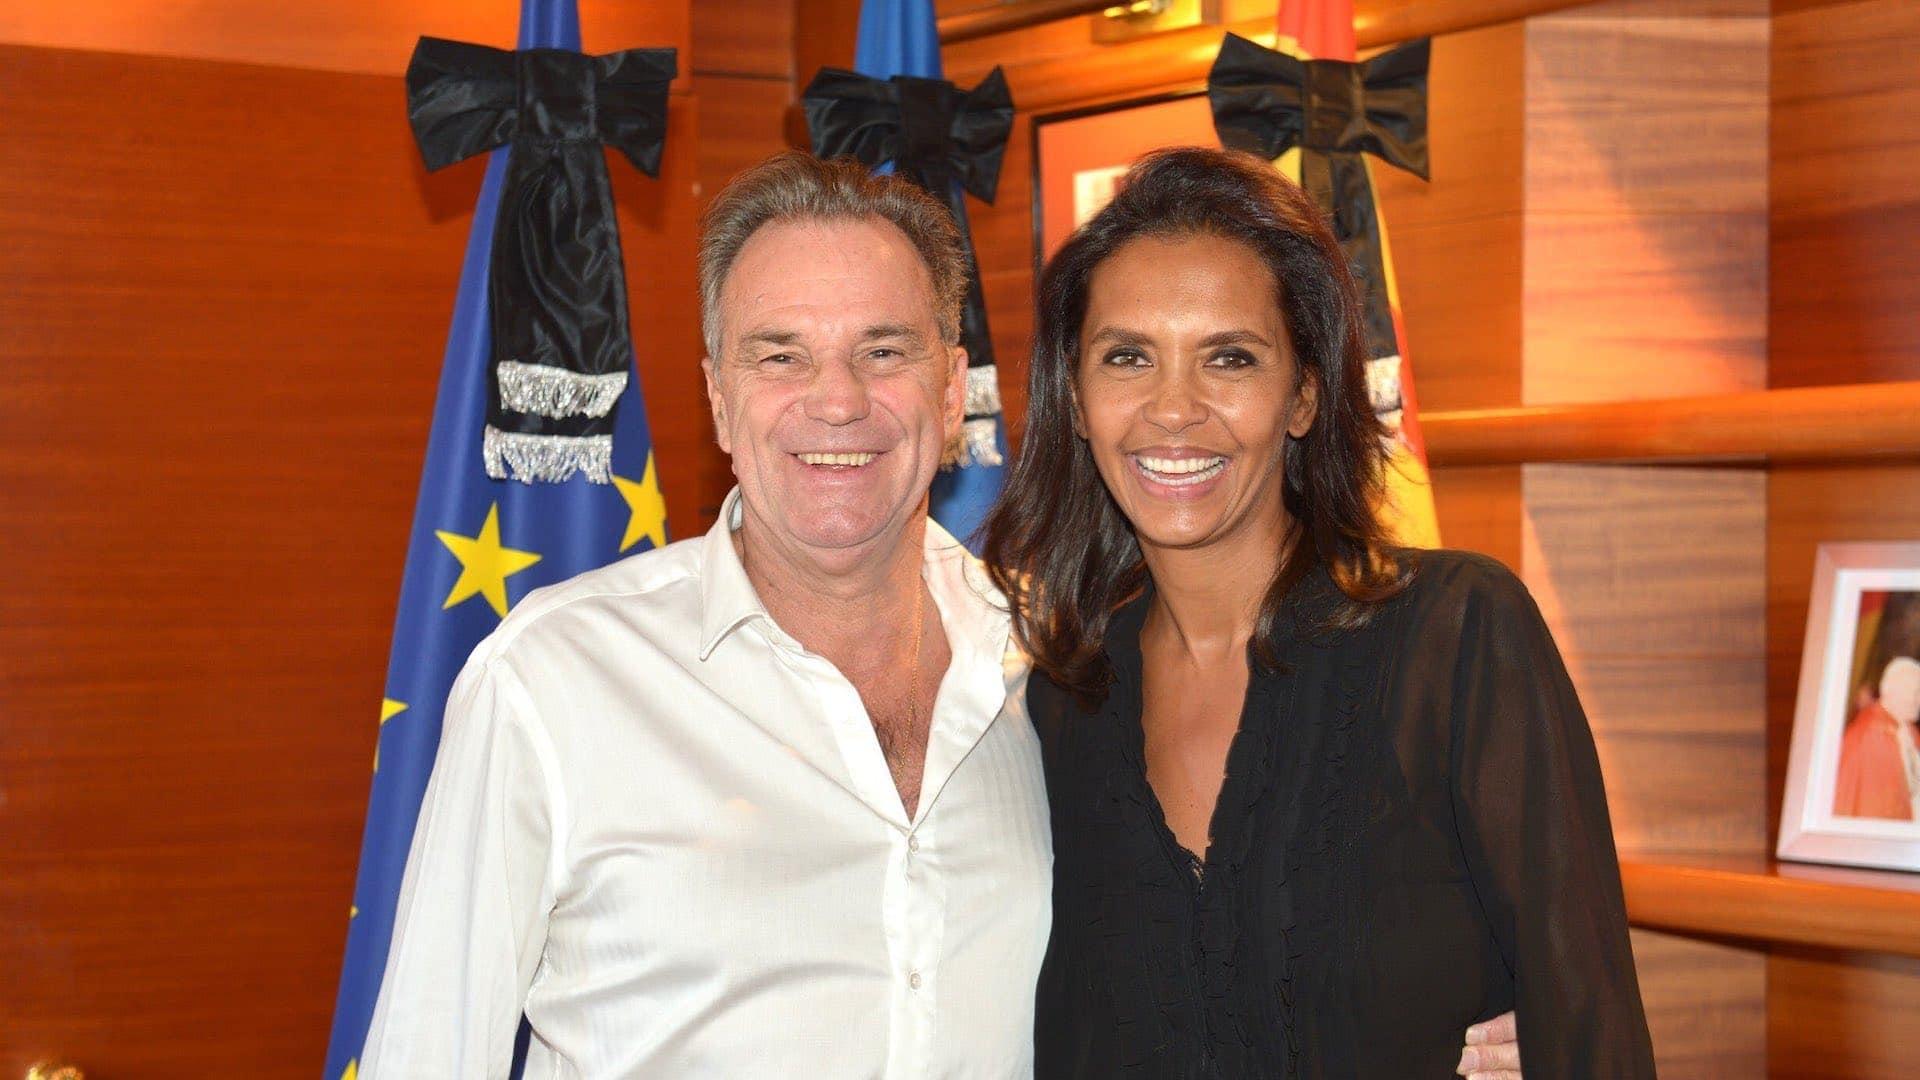 Pour rénover sa maison, Karine Le Marchand prend un chèque de 117 000 euros de la région